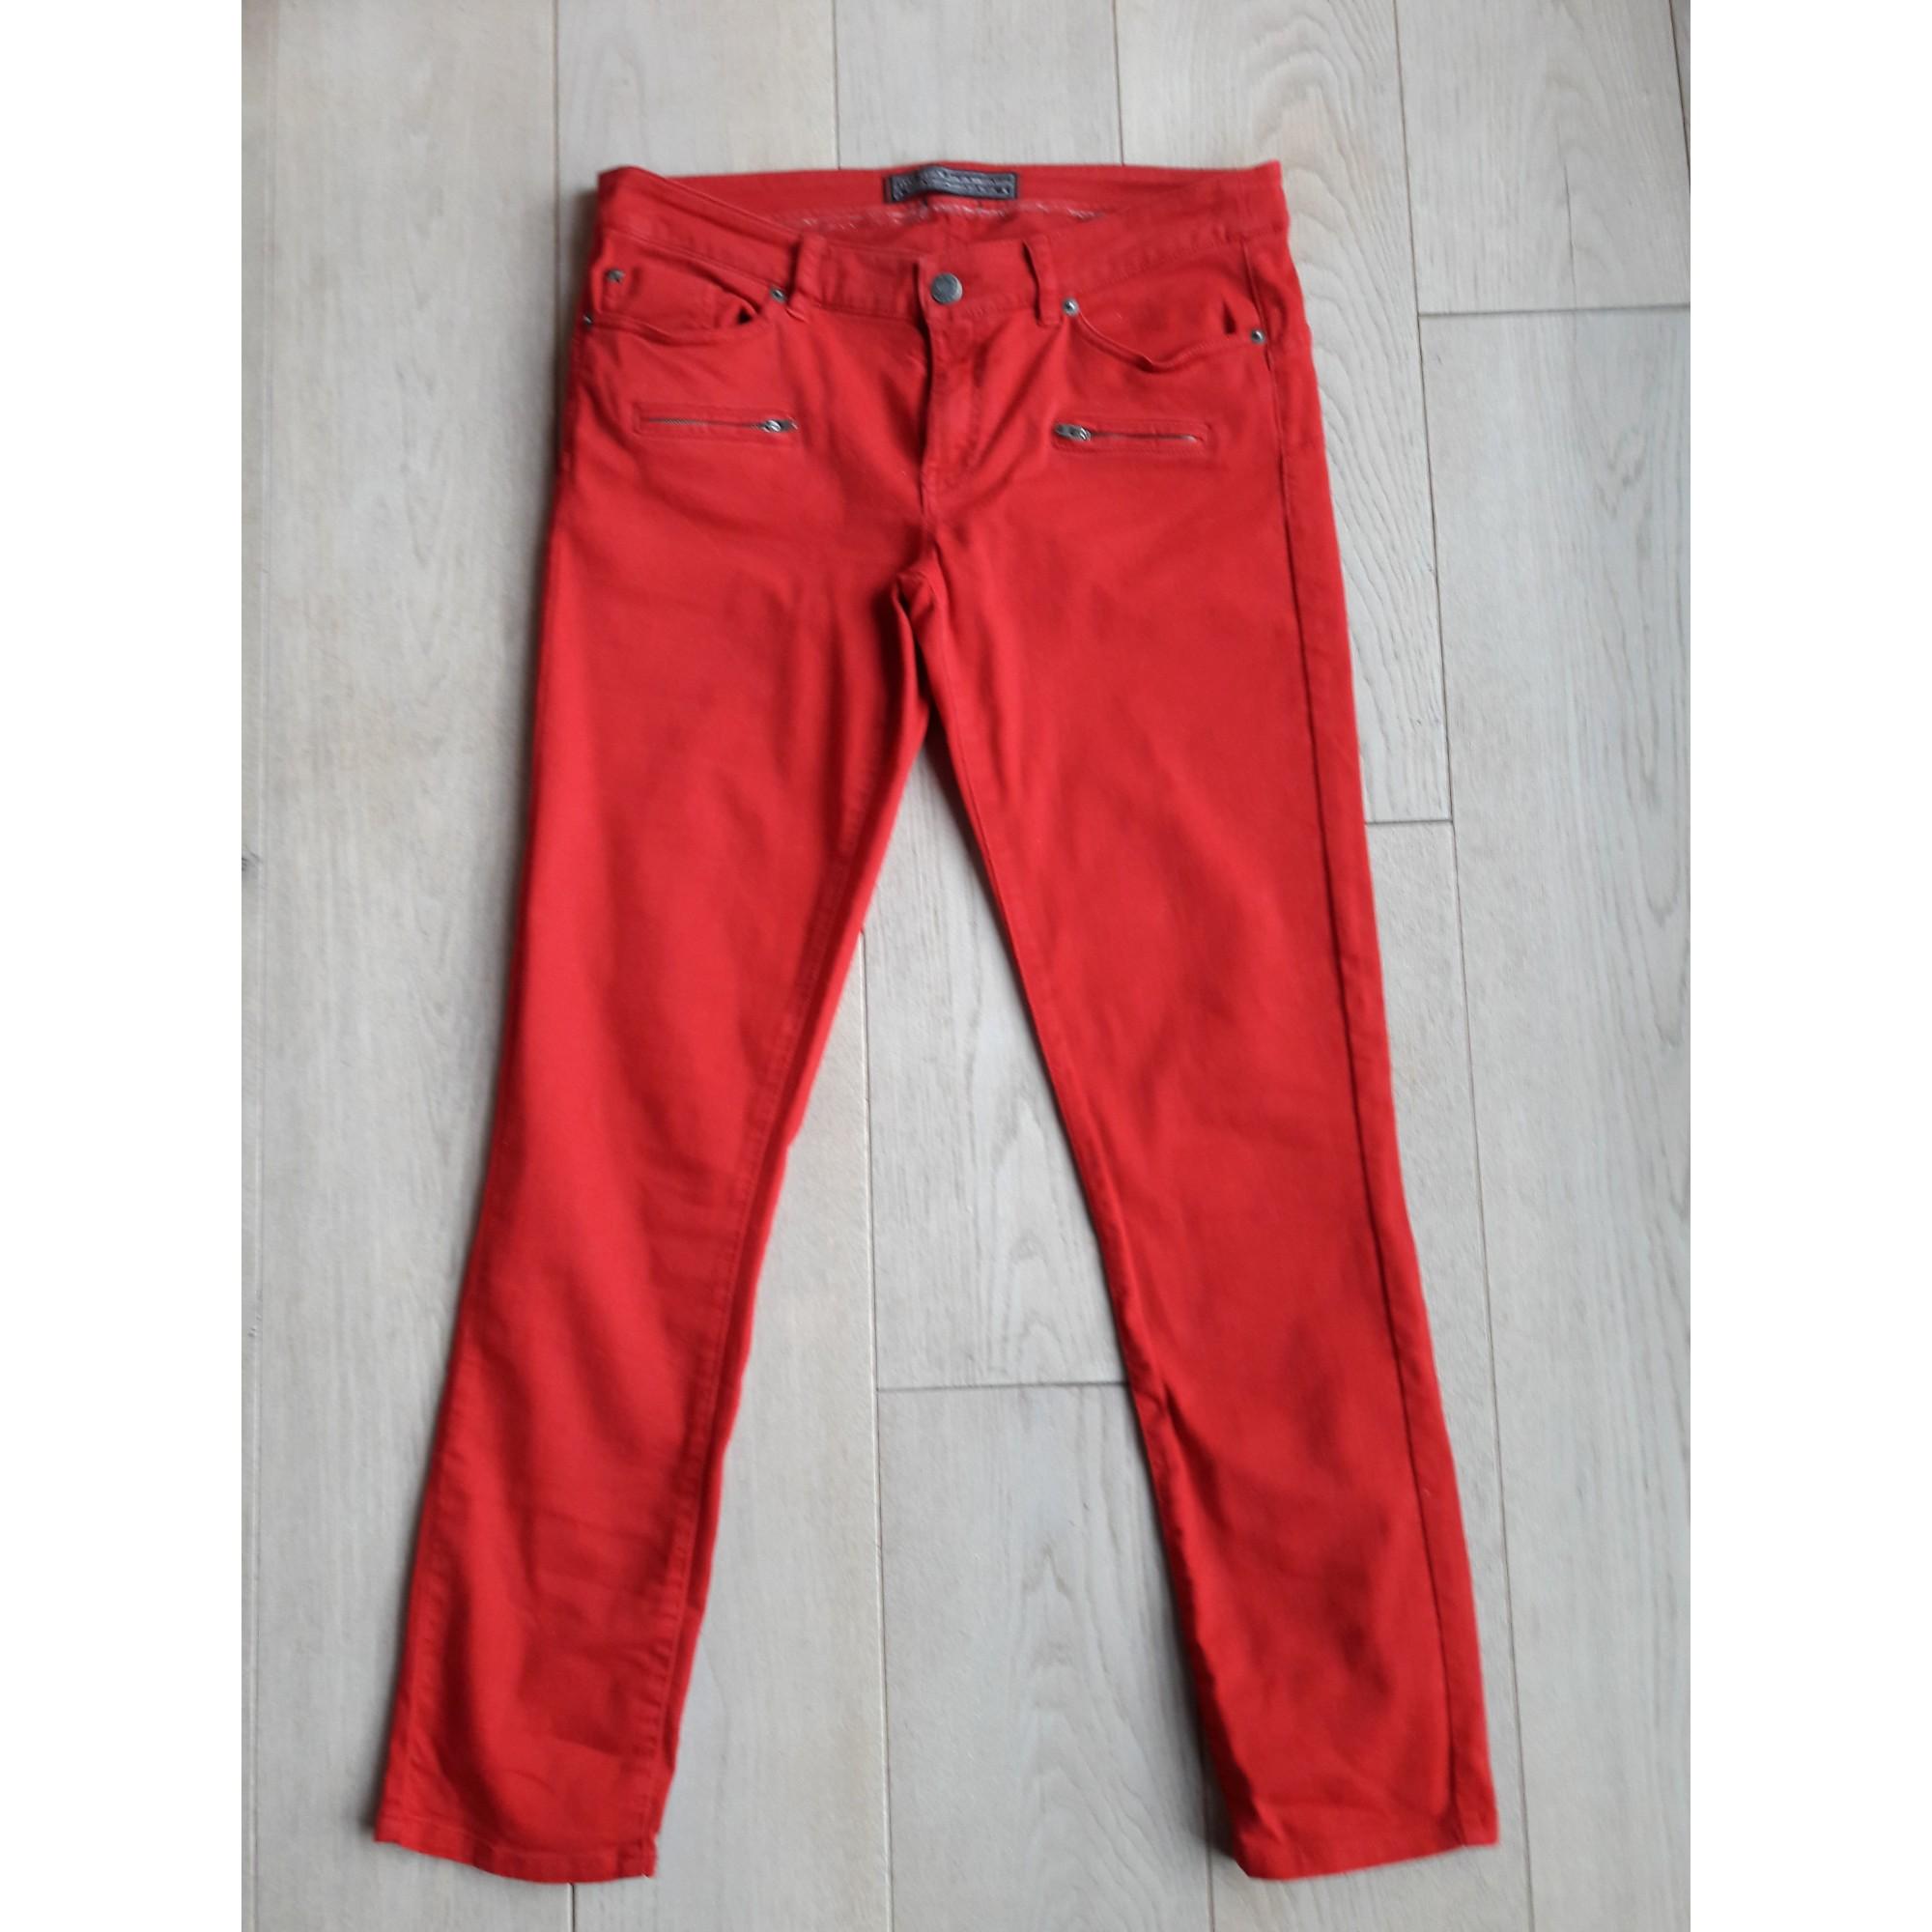 Jeans slim IKKS Rouge, bordeaux